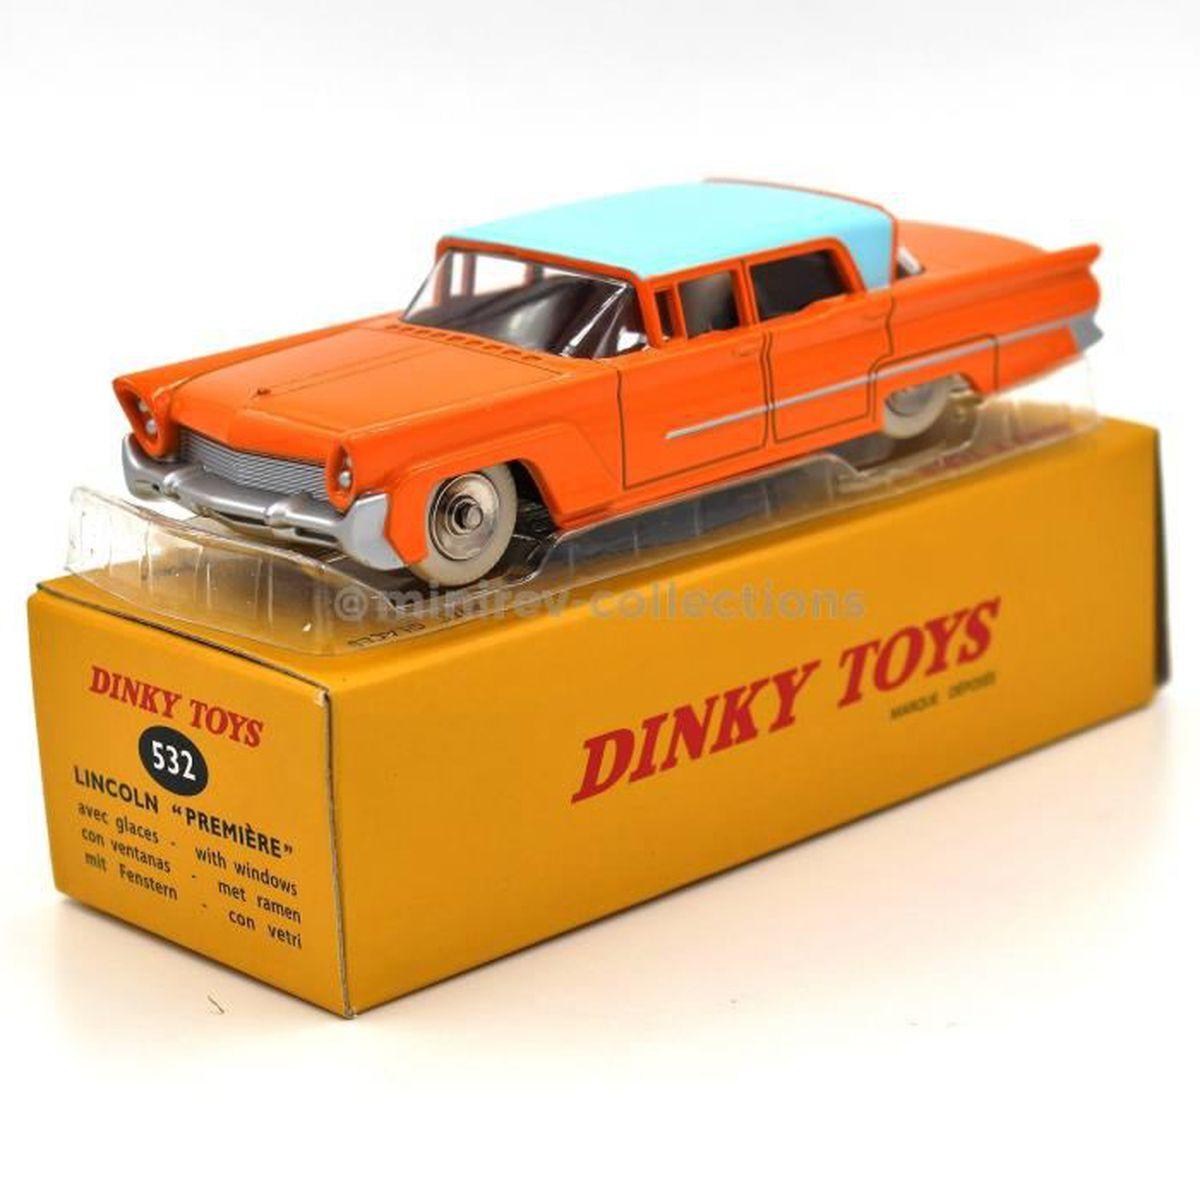 Atlas Dinky Toys 532 Lincoln Première Orange Toit Bleu